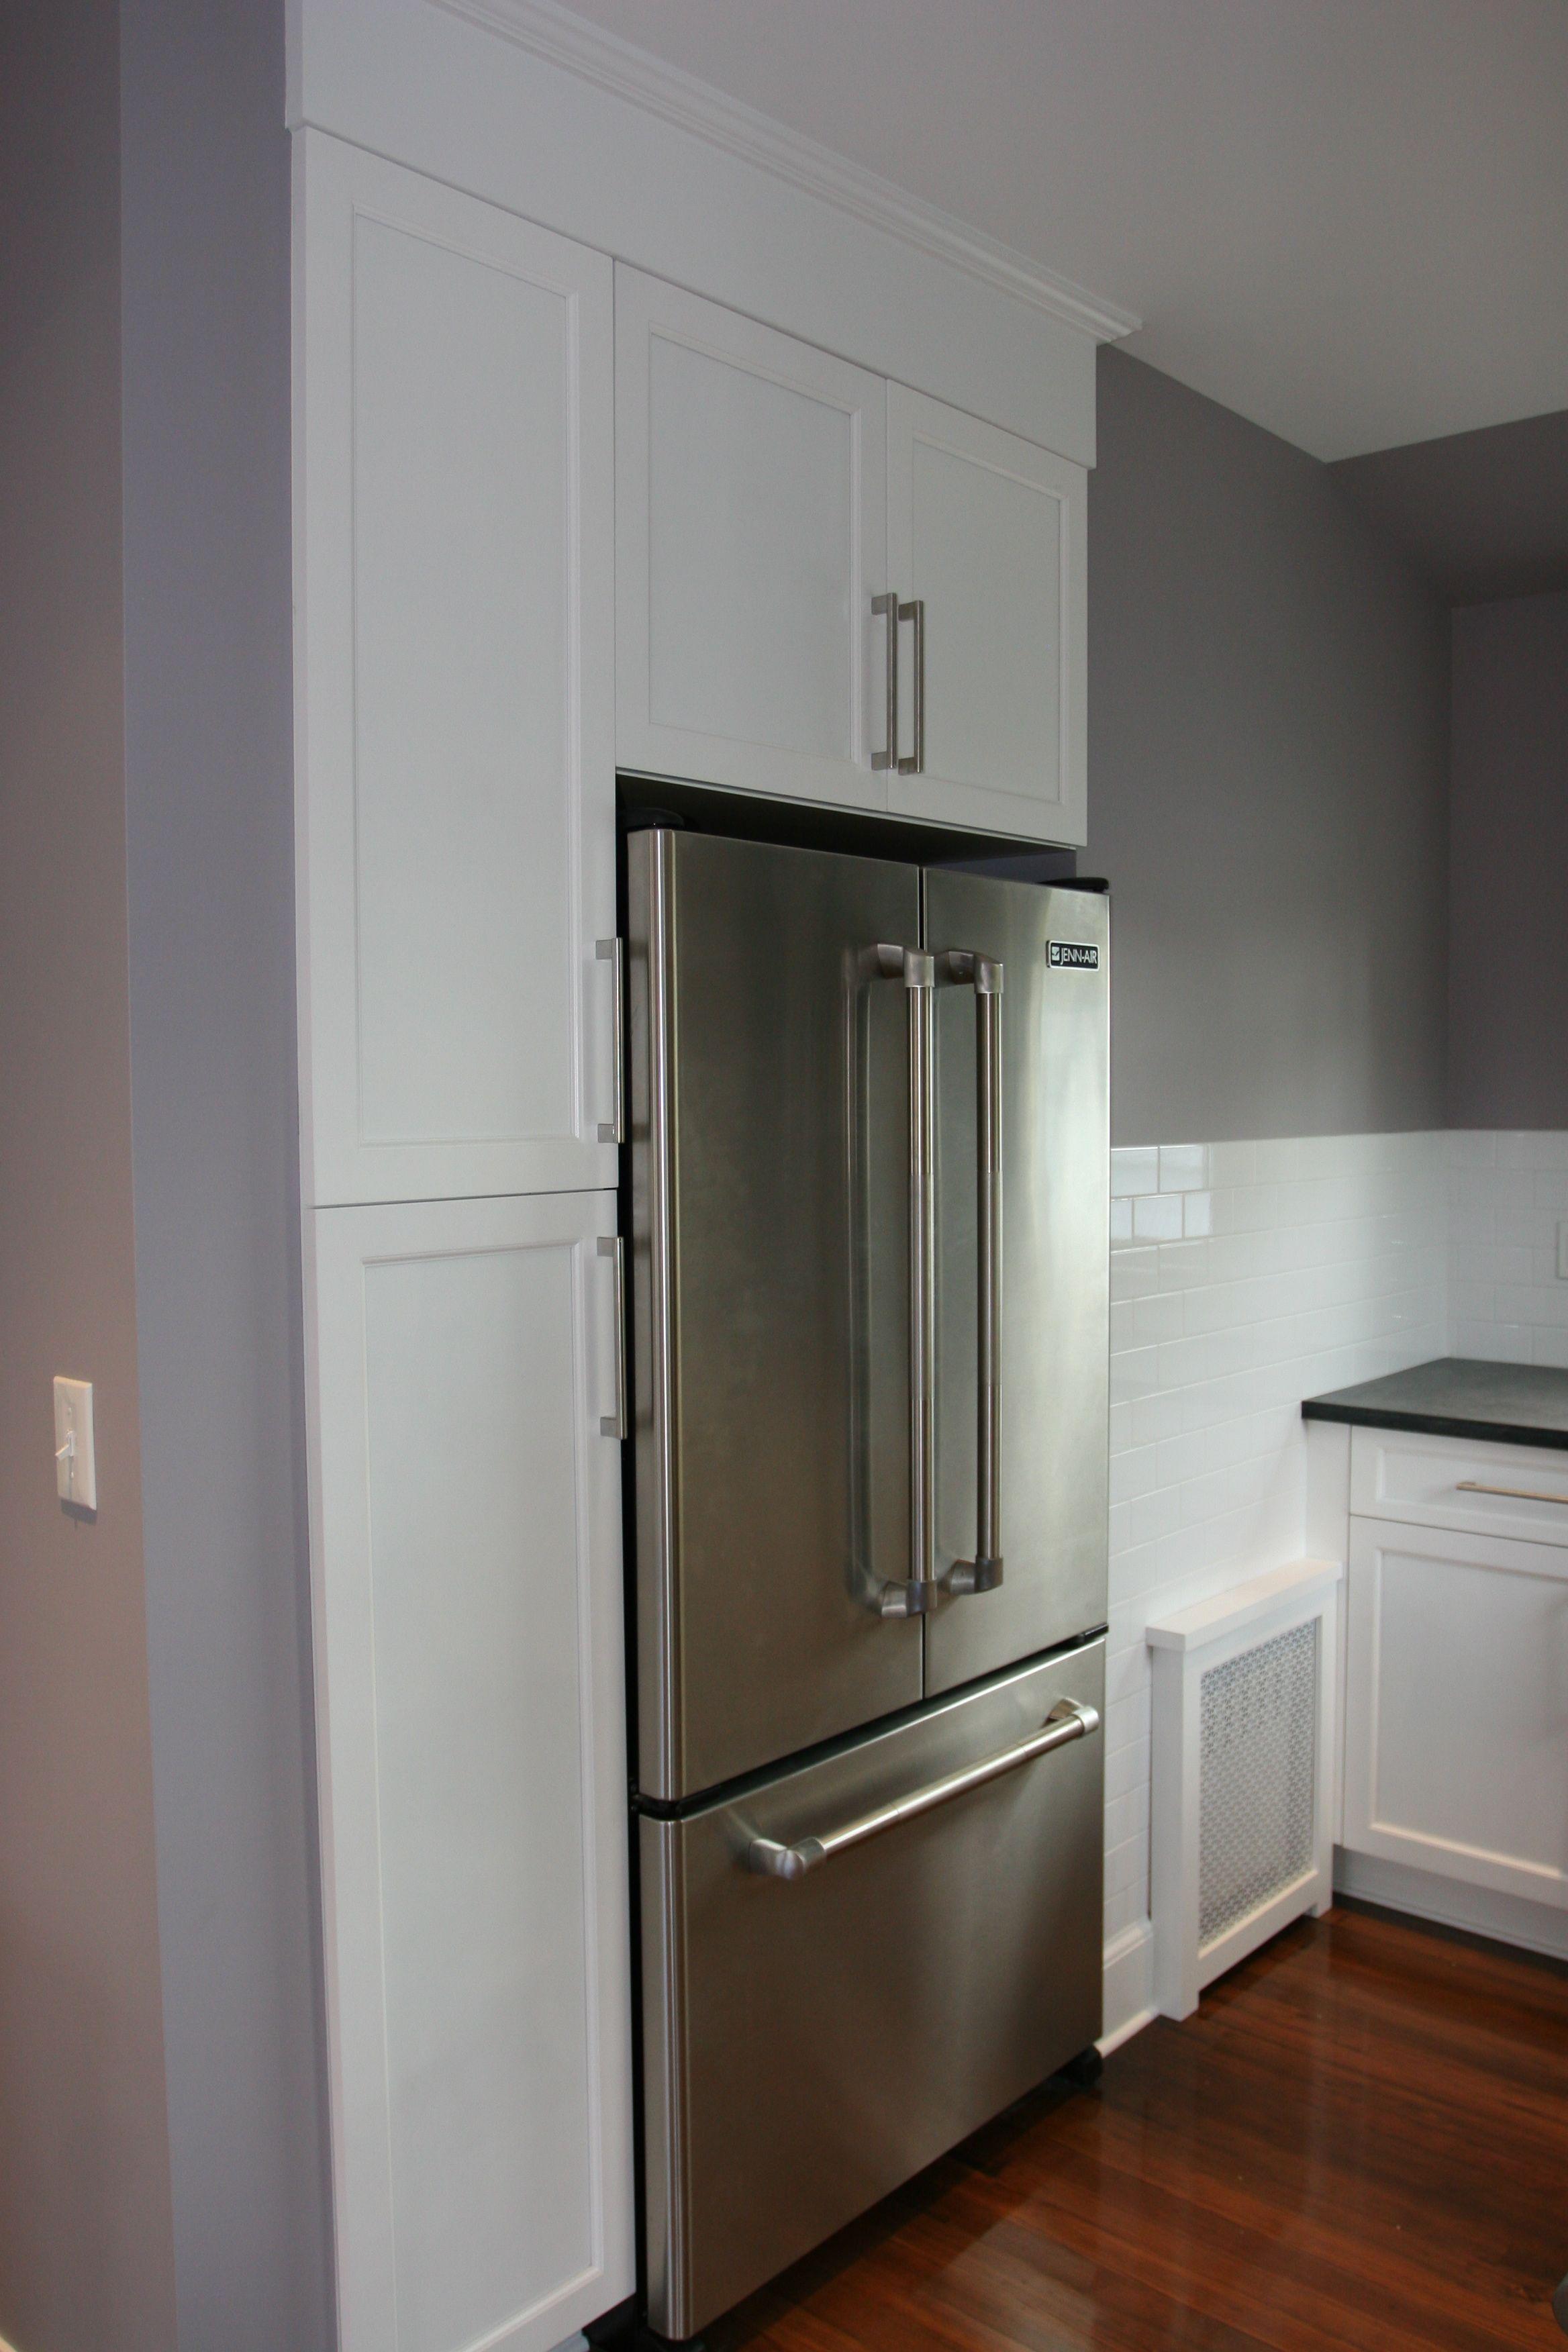 Kitchen Cabinets Around Fridge built in cabinets around refrigerator | kitchen remodel ideas